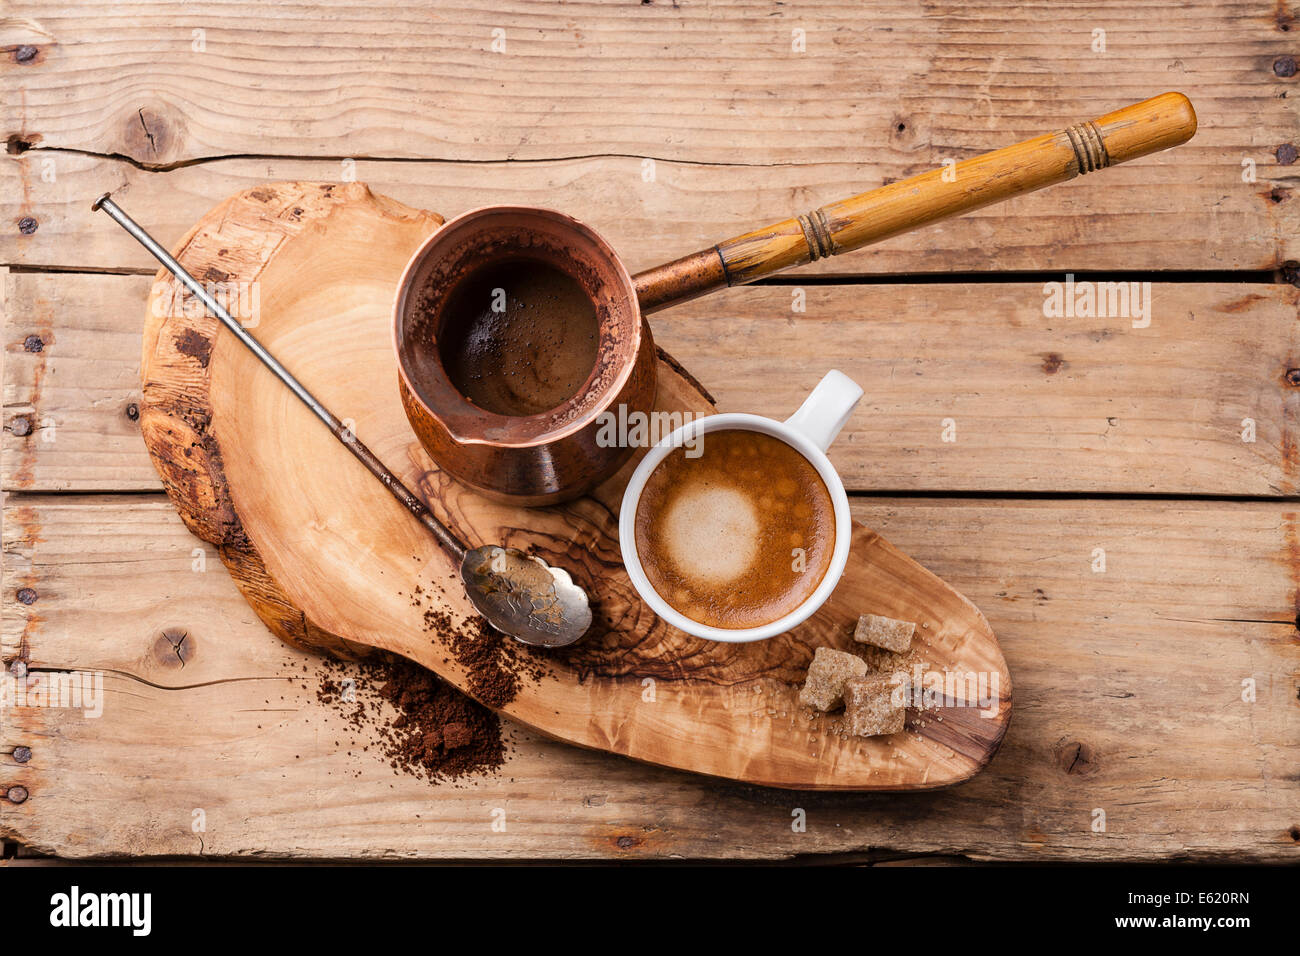 Le café dans la cafetière sur fond de bois Photo Stock